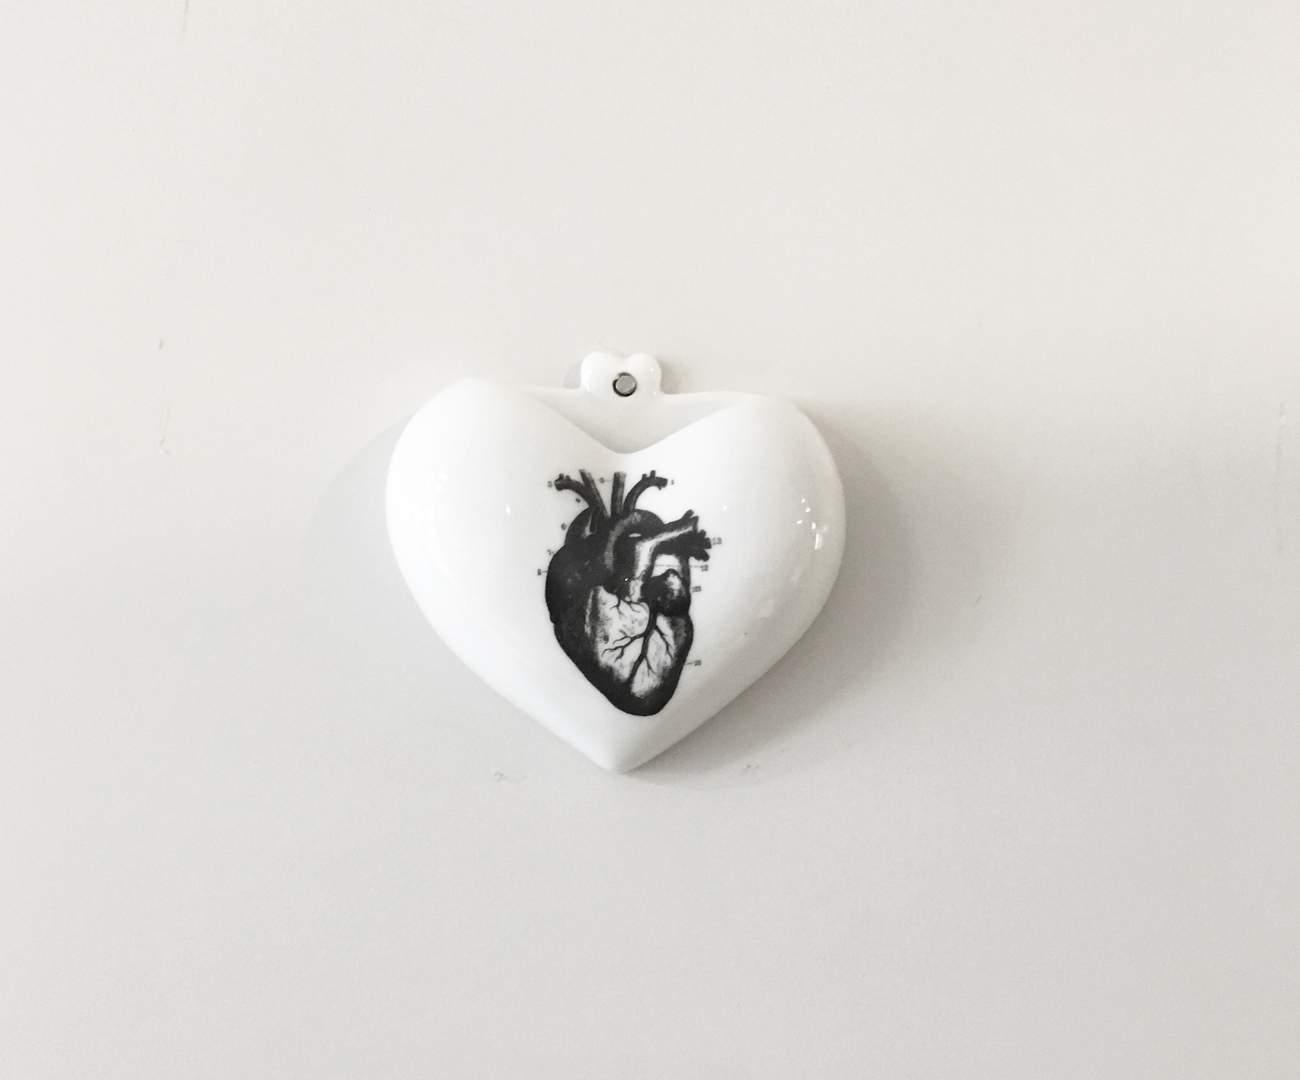 vaso de parede coração (heart) 0868